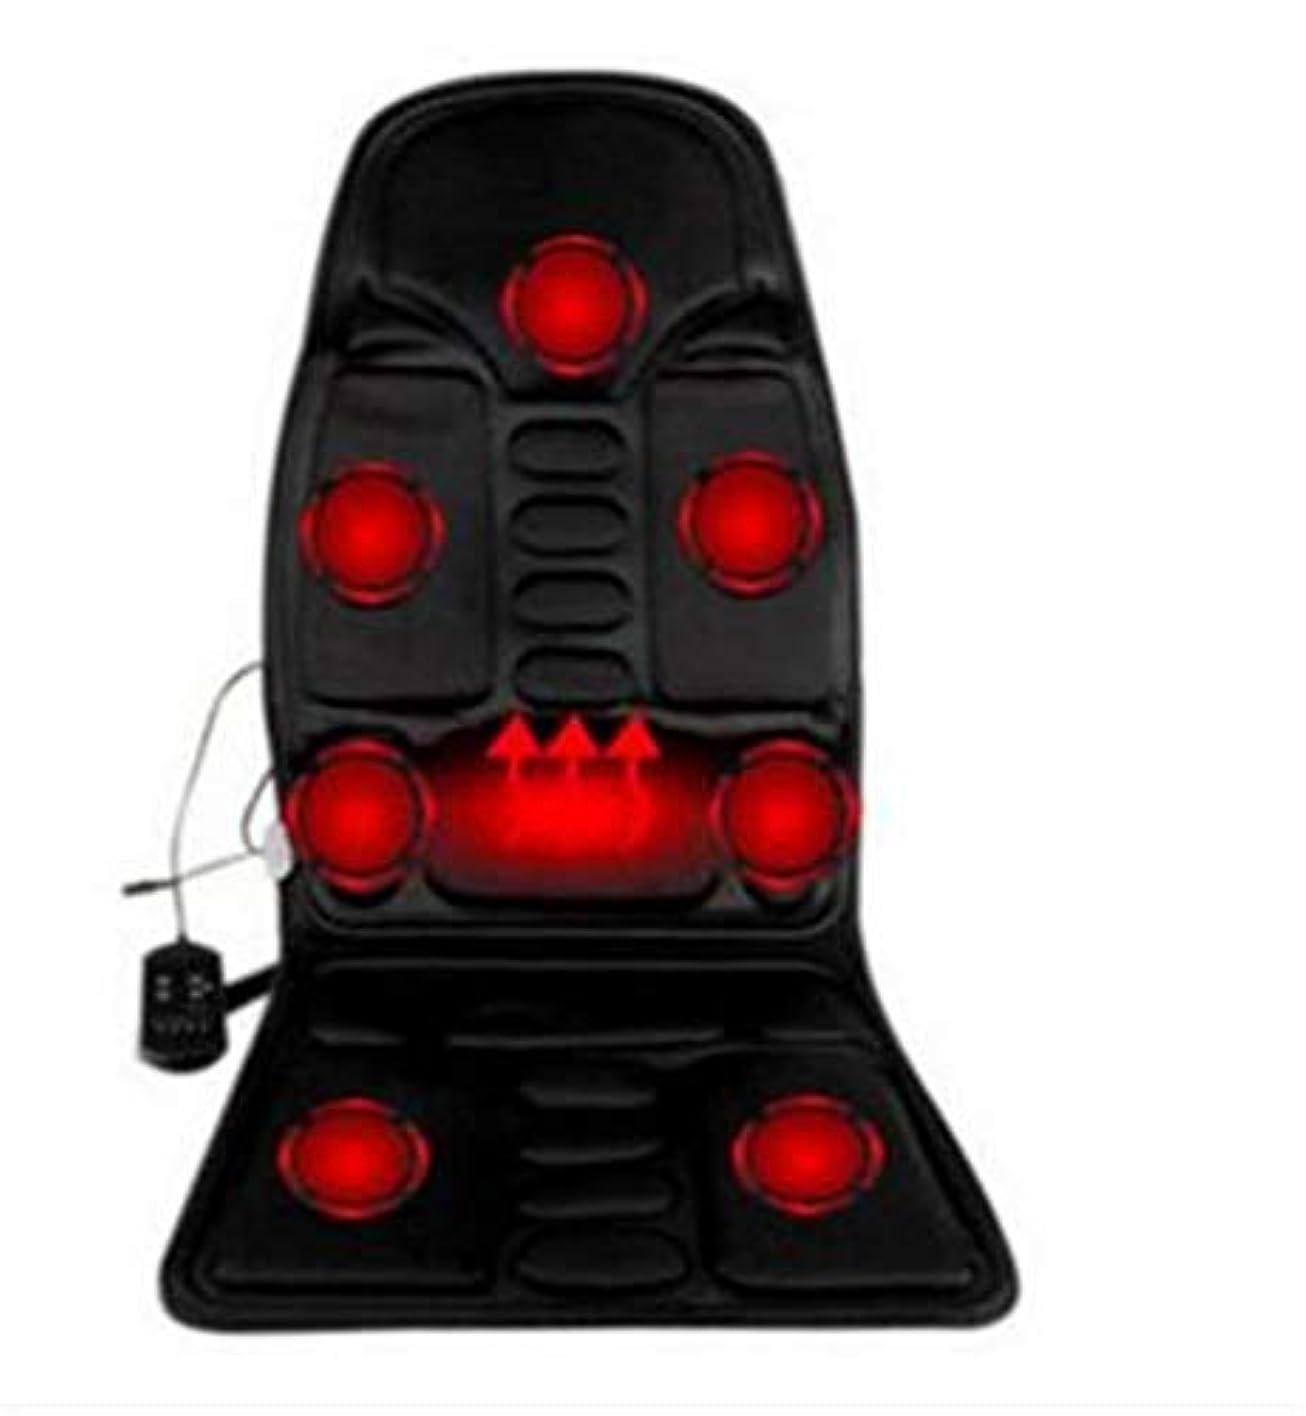 書くエロチックアイデア電気マッサージクッション、背中のマッサージチェア、車のホームオフィス、全身マッサージクッション、首のマッサージチェア、血液循環を促進するマッサージリラクゼーション